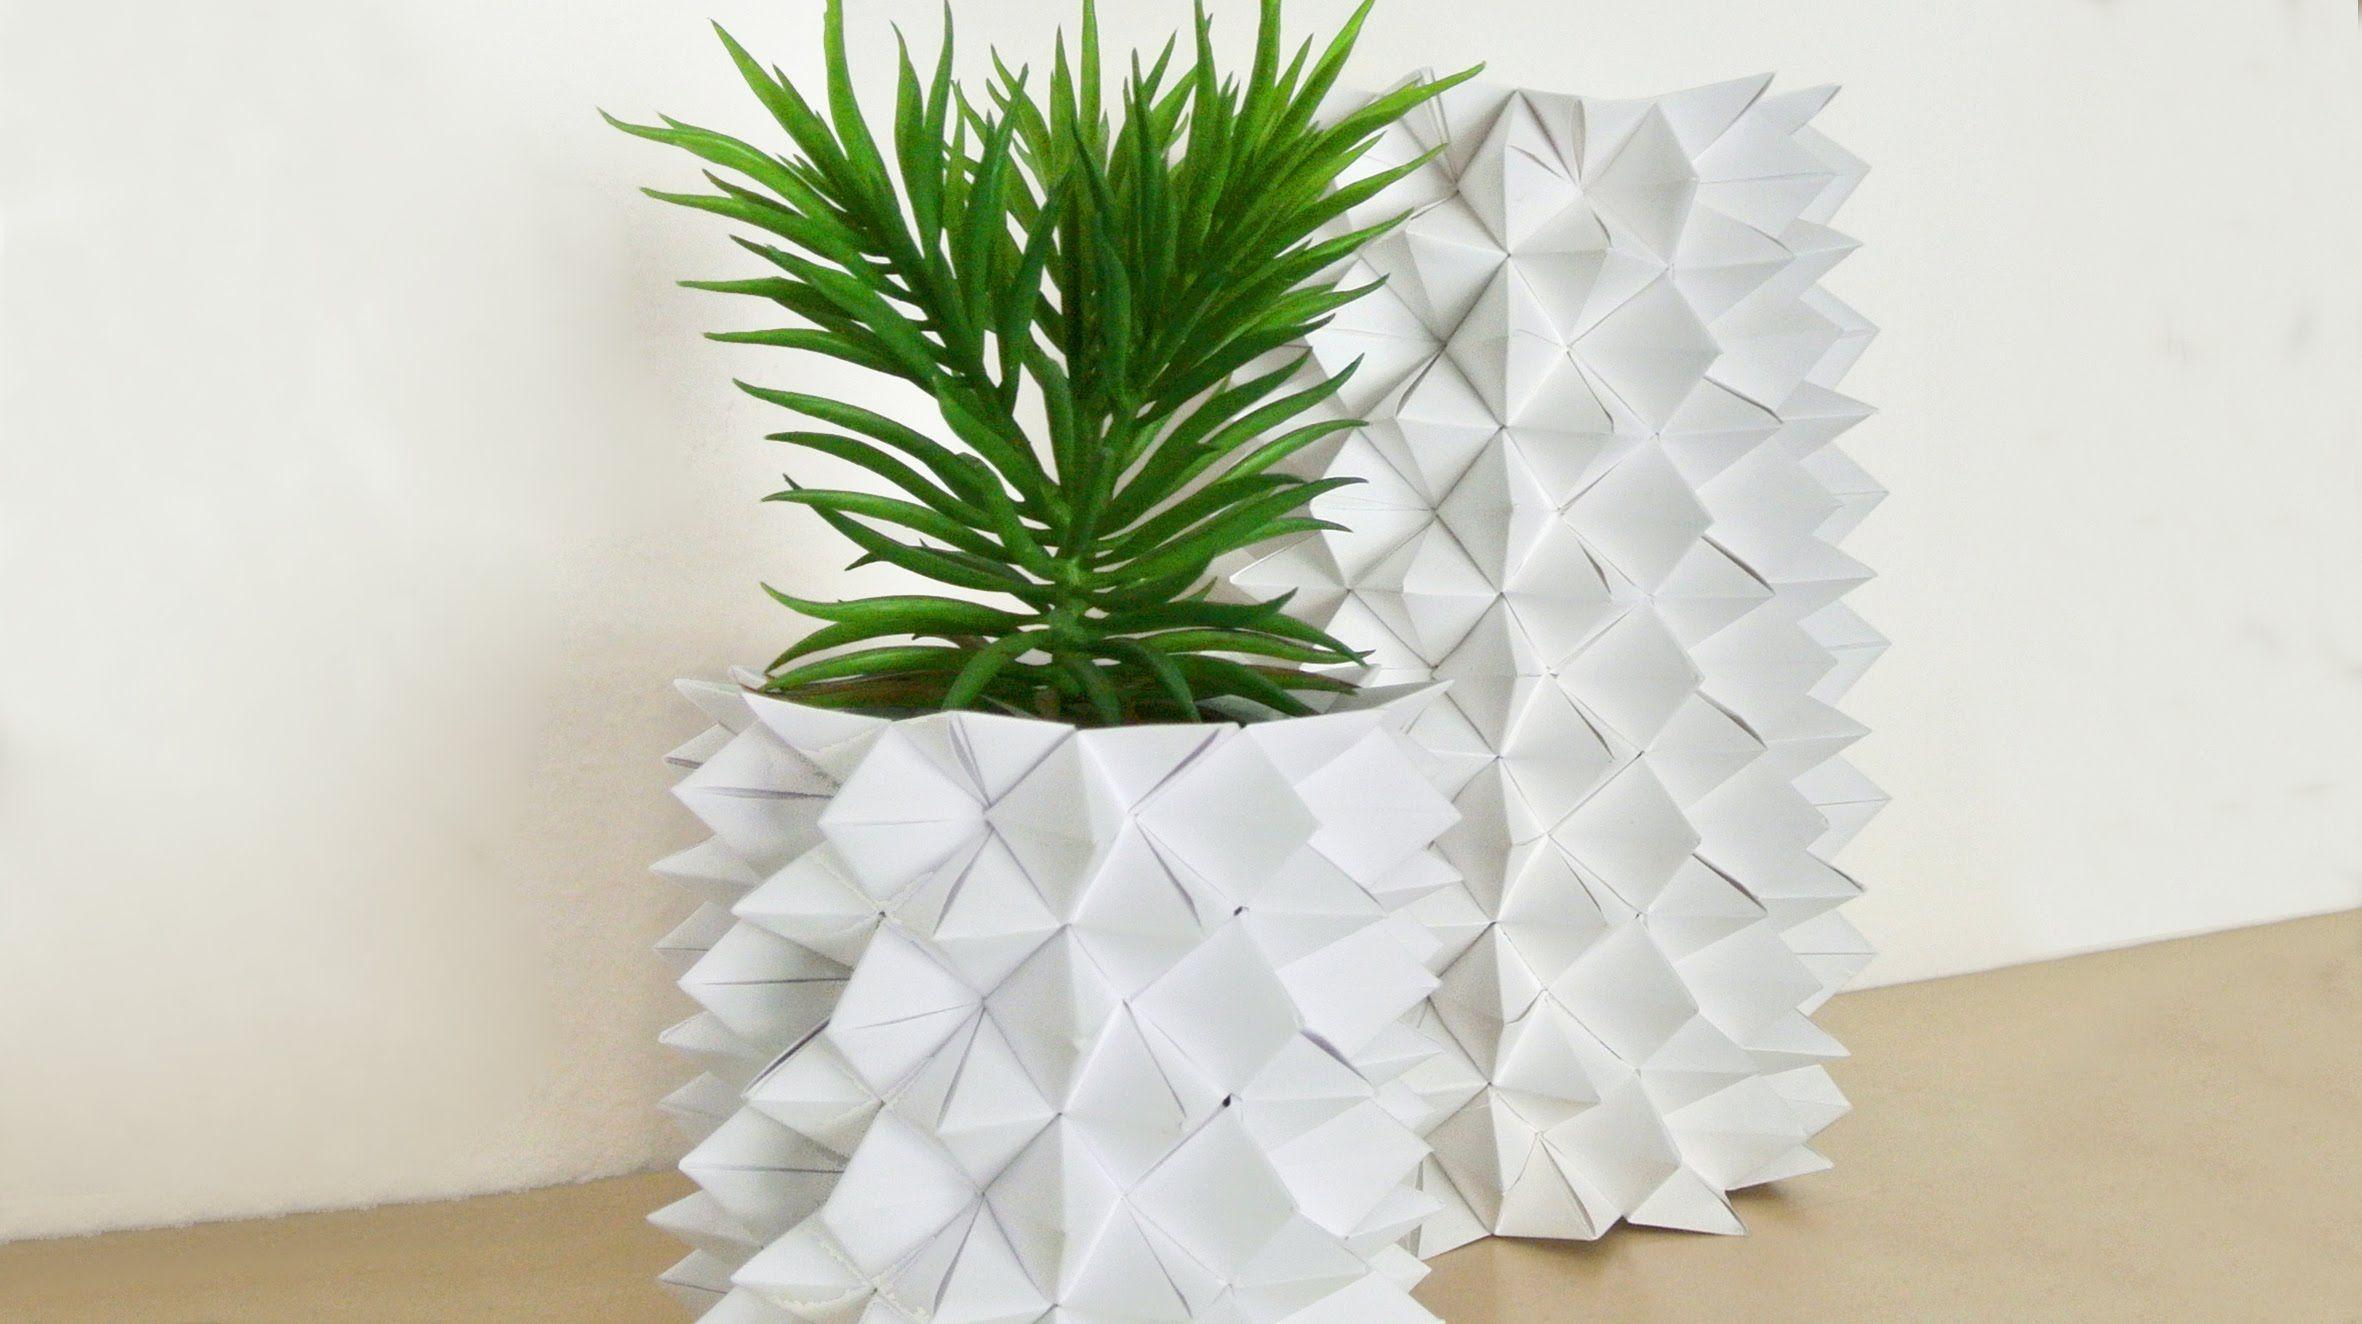 wer h tte gedacht das man aus mehreren himmel h lle origami eine so stylische vase basteln. Black Bedroom Furniture Sets. Home Design Ideas